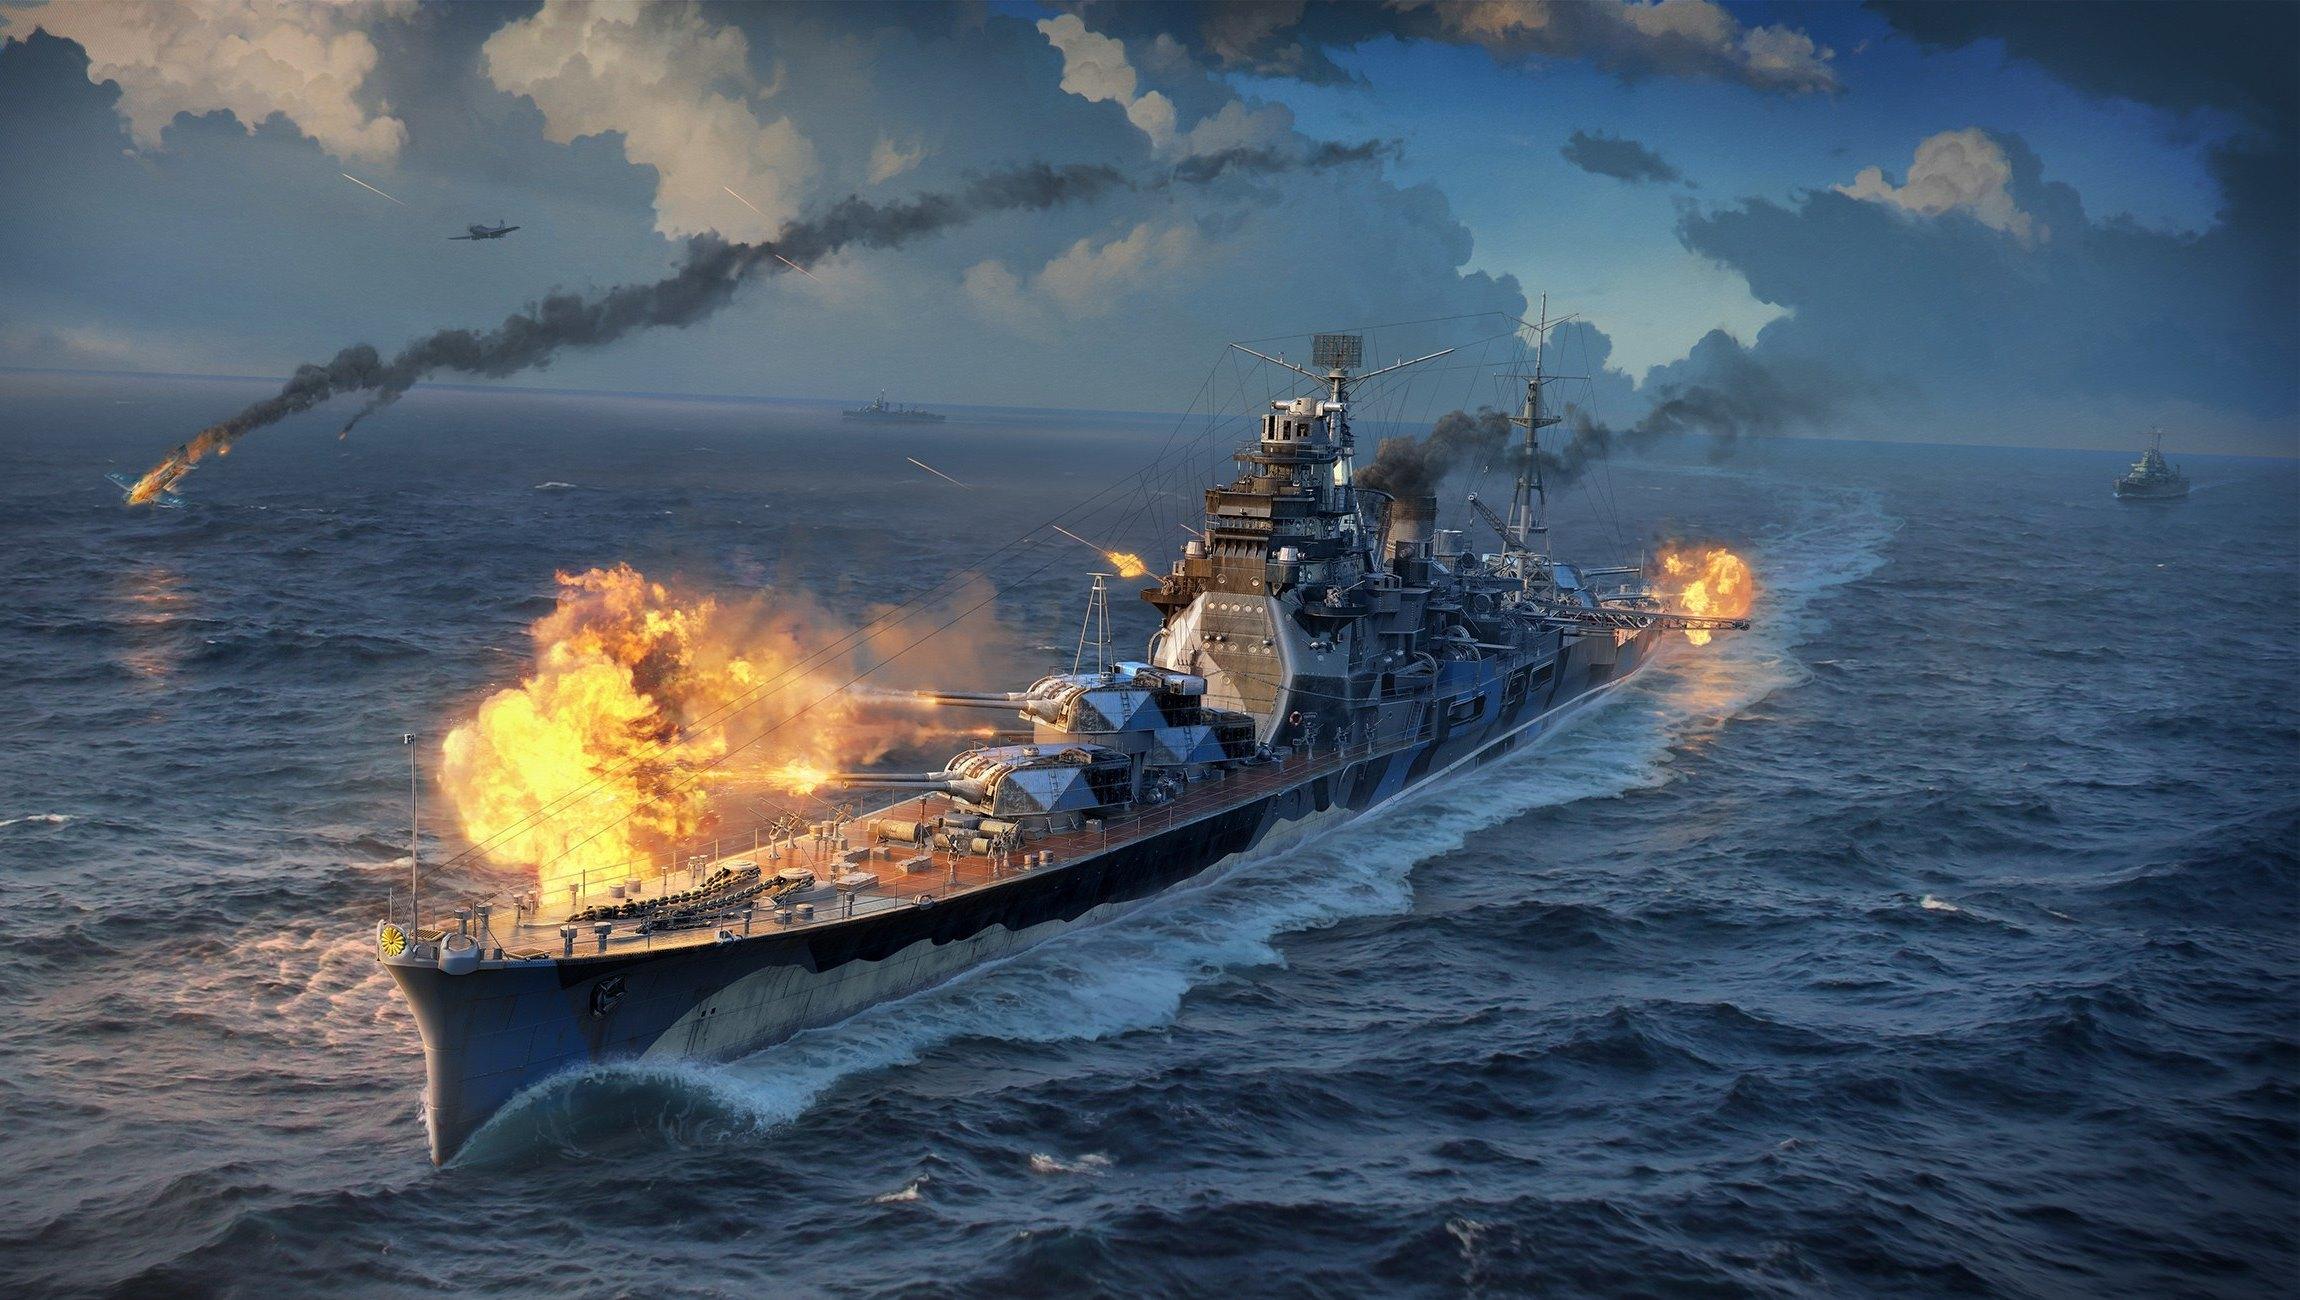 обои на рабочий стол военные корабли россии 1920х1080 № 253197 без смс